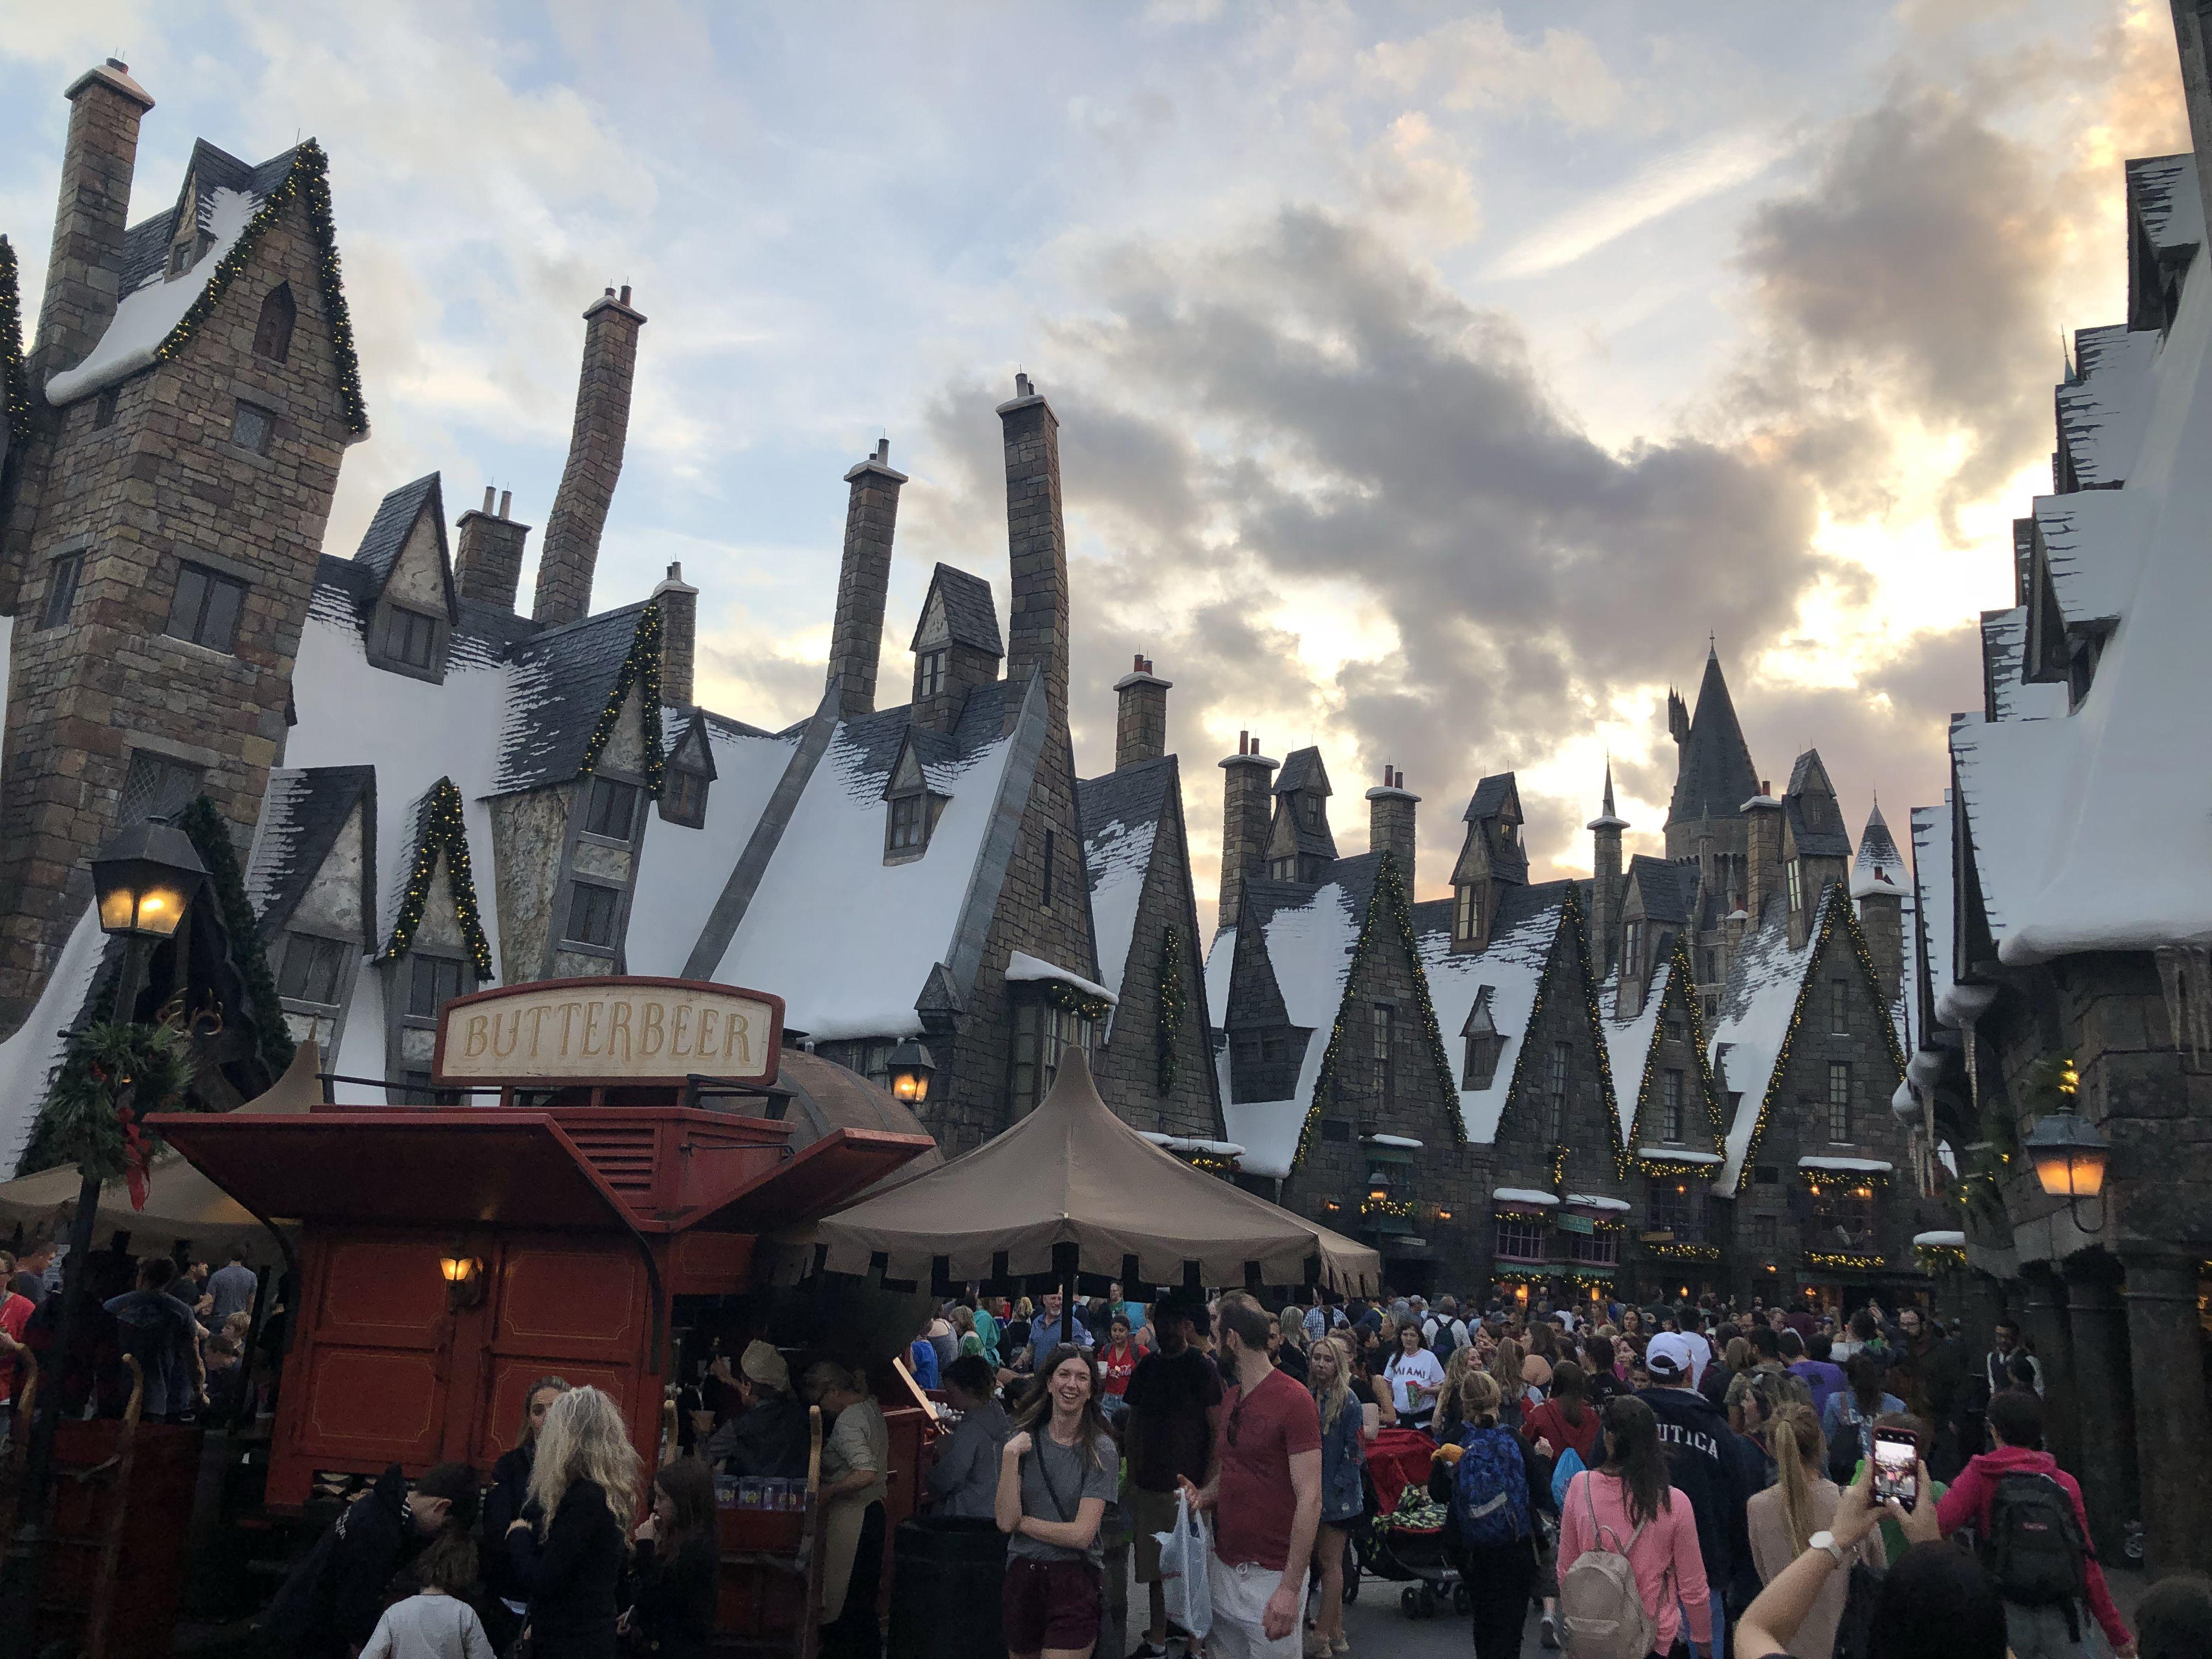 Hogsmede And Hogwarts Hogwarts Universal Orlando Wizarding World Of Harry Potter